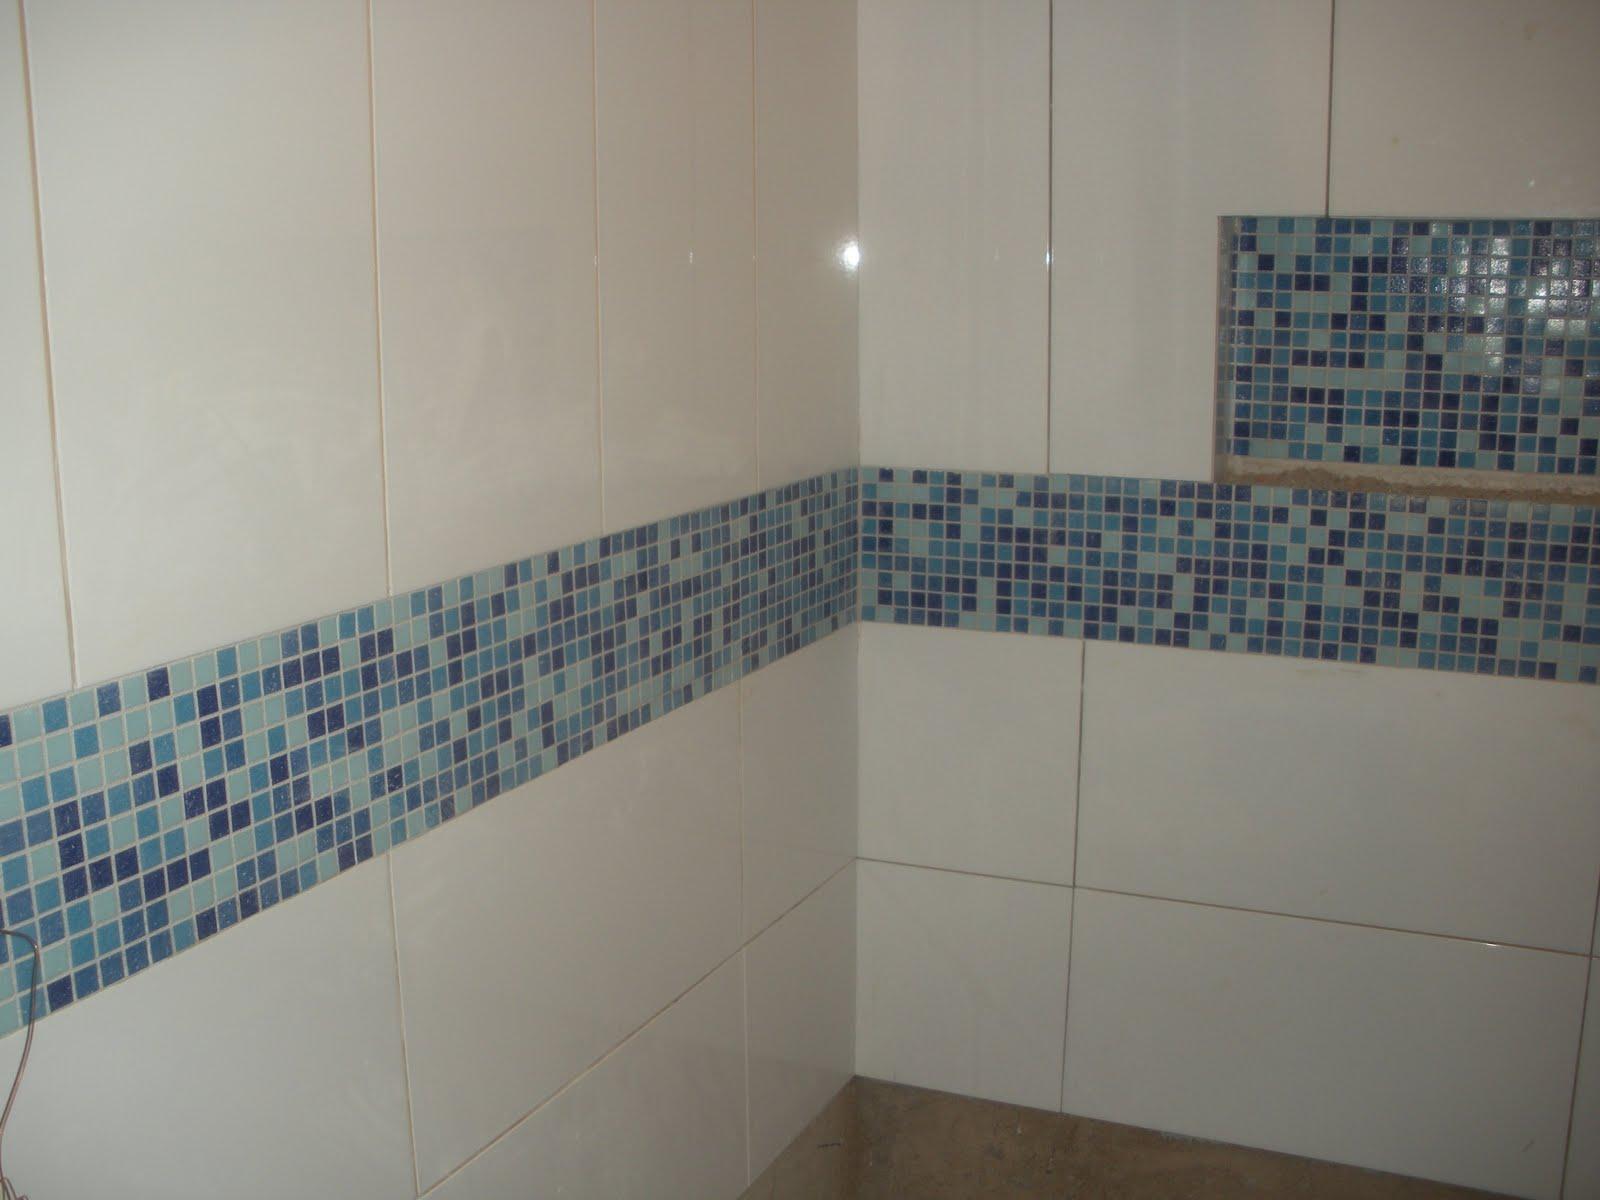 Gleide casa nova: BANHEIRO COM PASTILHA AZUL!!!!! #404E5B 1600x1200 Banheiro Branco E Azul